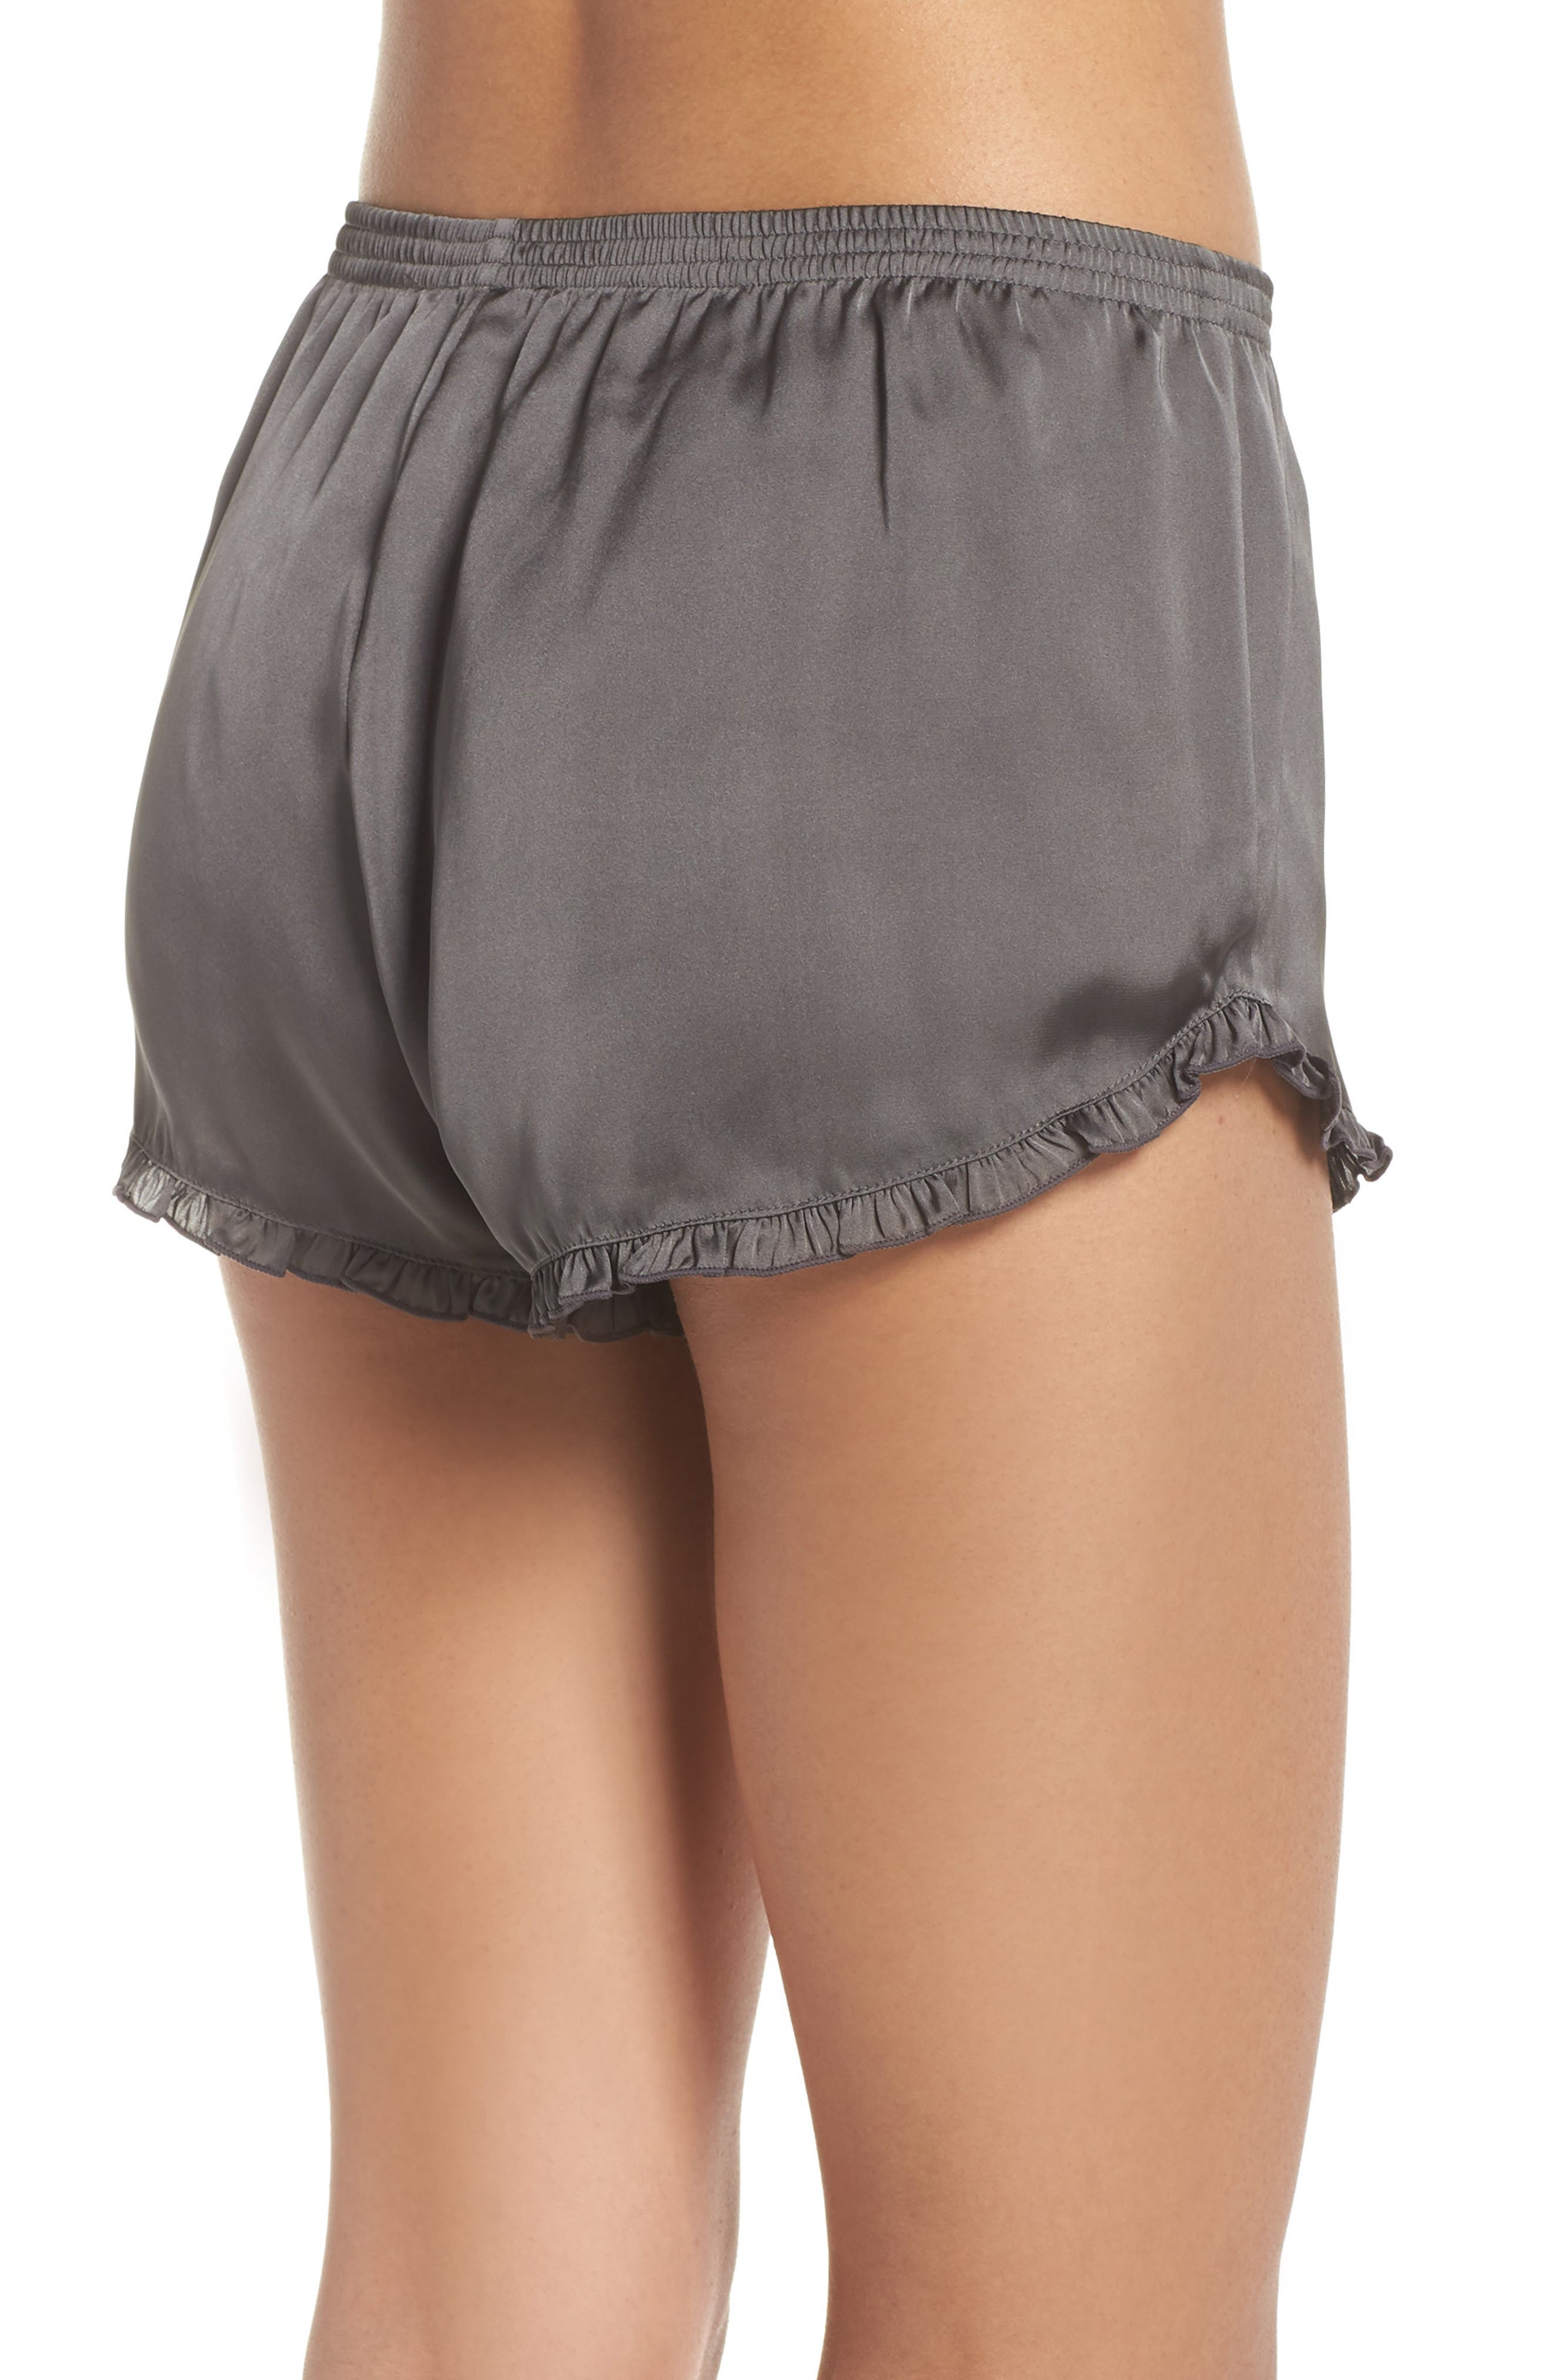 Satin Lounge Shorts,                             Alternate thumbnail 2, color,                             022